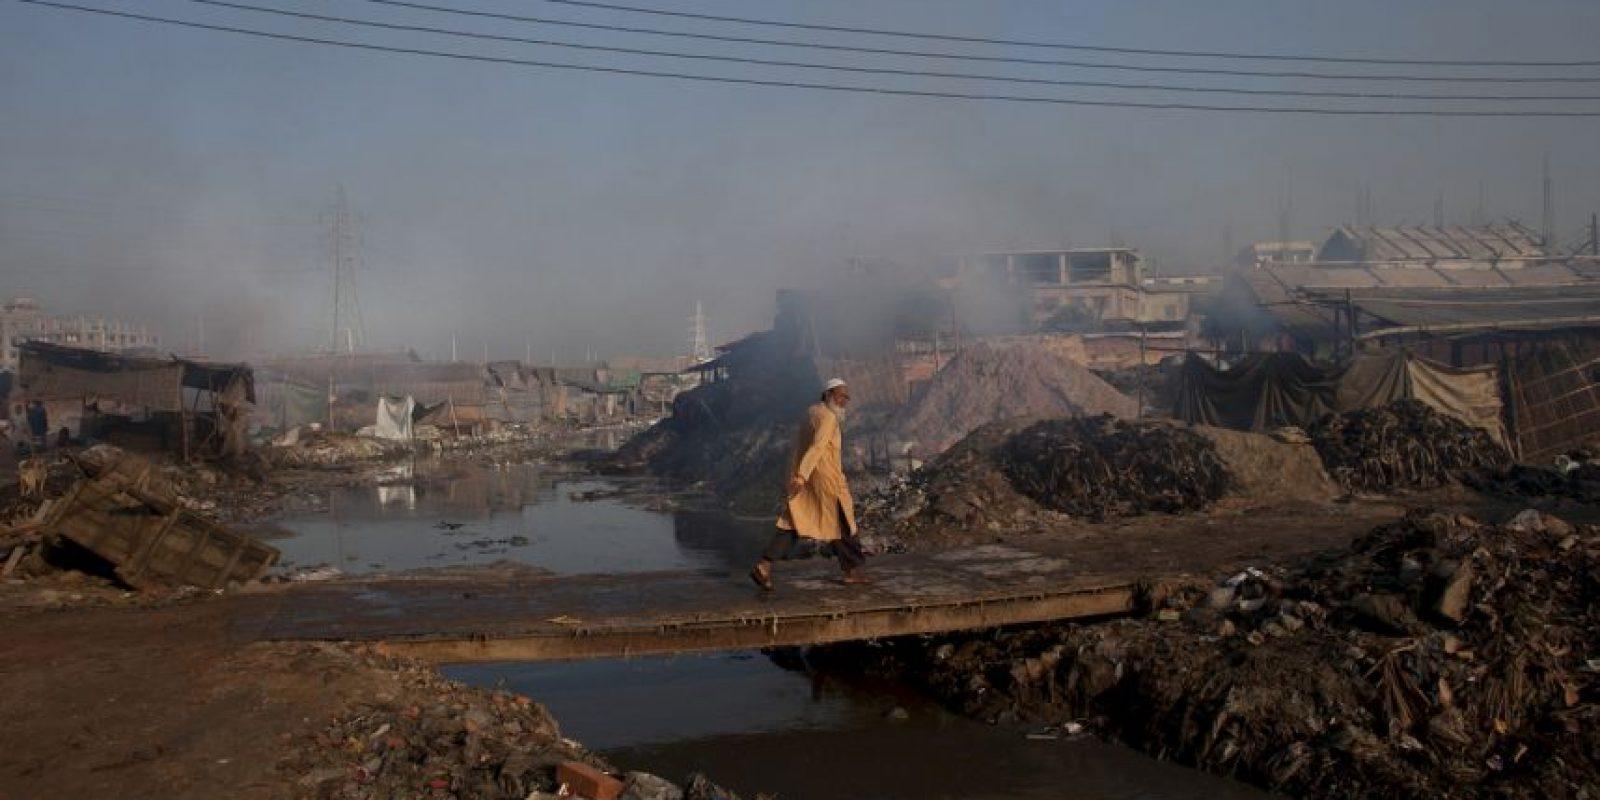 Su capital, Dhaka, es una de las más contaminadas del mundo por sus más de 10 millones de habitantes. Foto:Getty Images